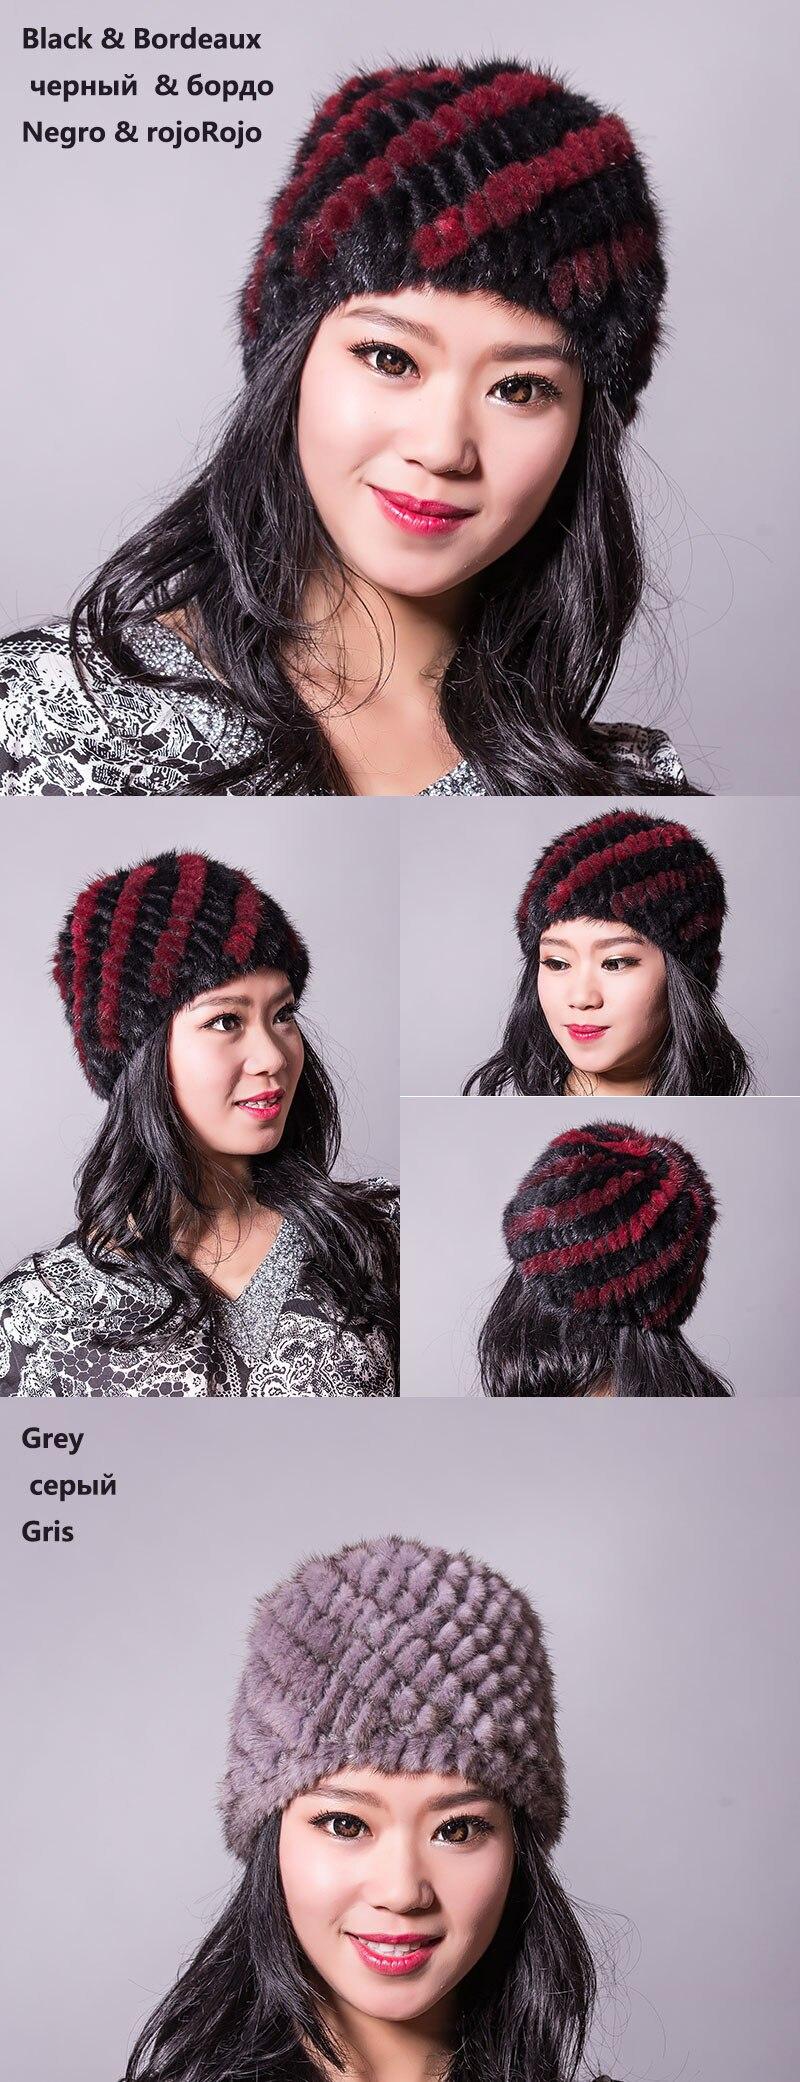 אמיתי חורפן פרווה כובע מצחייה כובע הראש מתחמם הקסדה הכי הגולגולת נשים' כובע חורף מתנה טובה